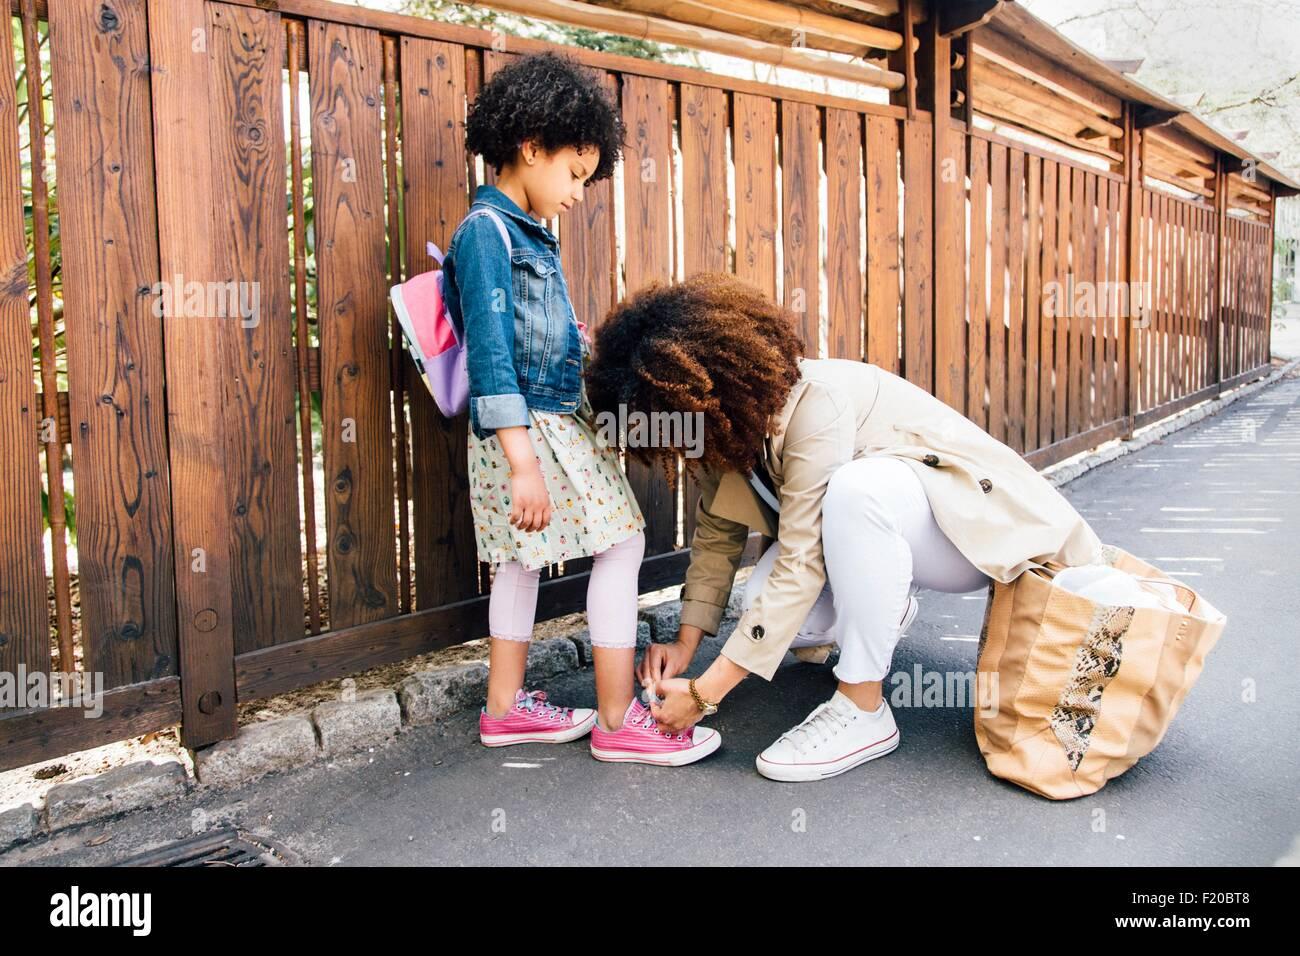 La madre de rodillas por valla hijas shoelace atado Imagen De Stock